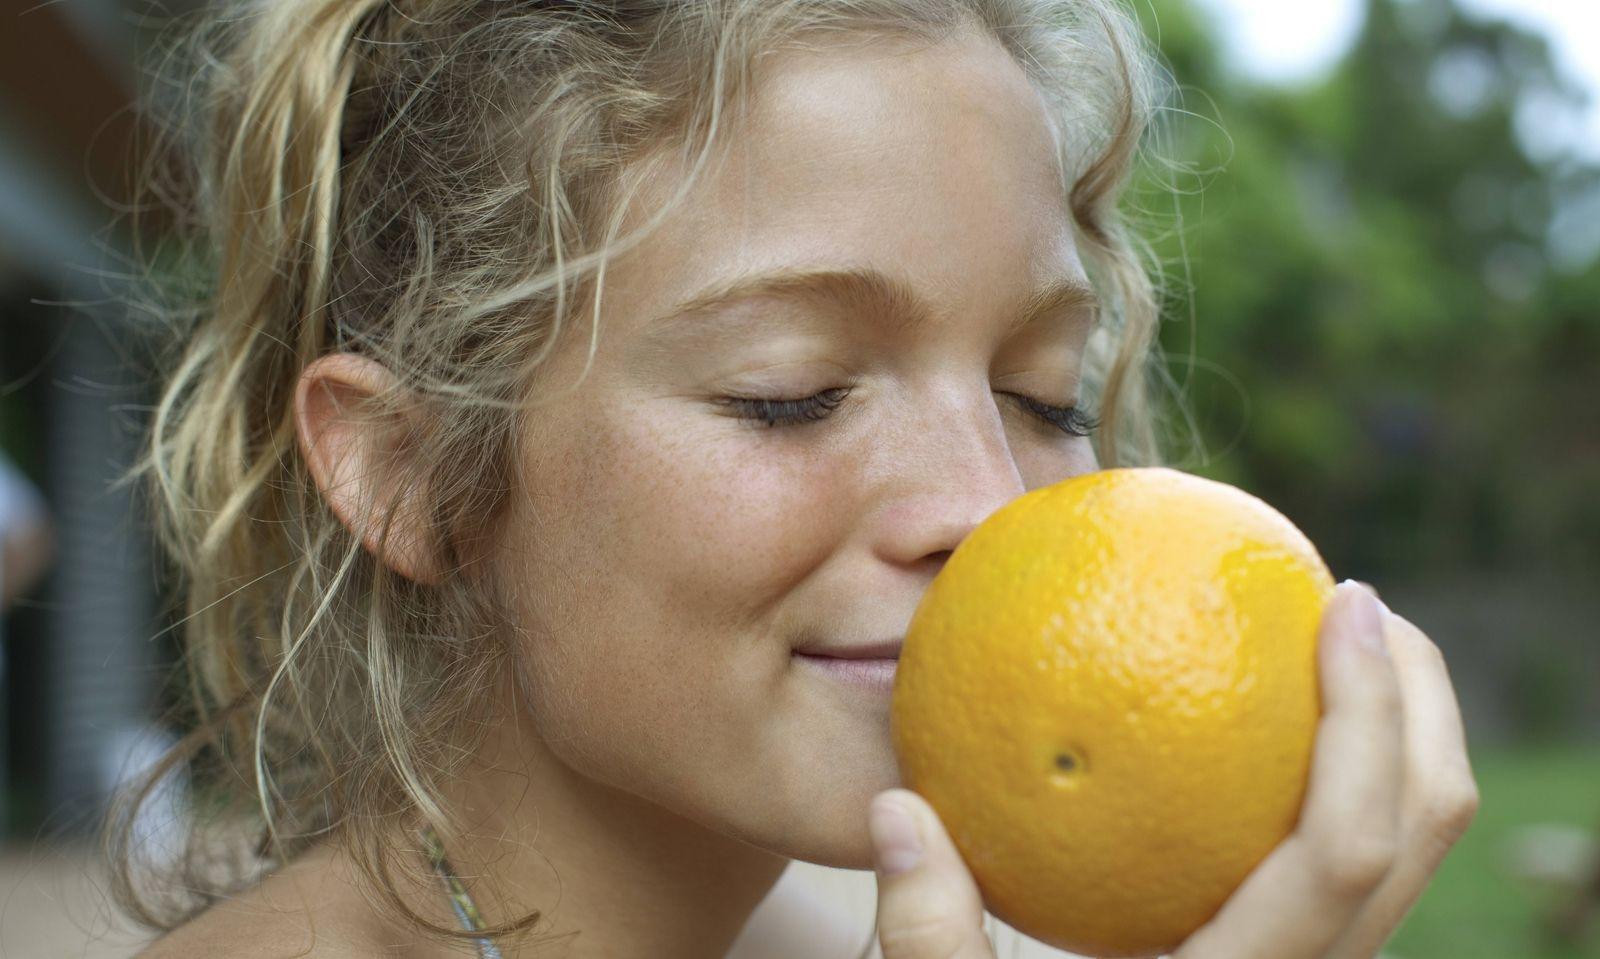 Geruchssinn verloren: Kann man riechen lernen? [premium]